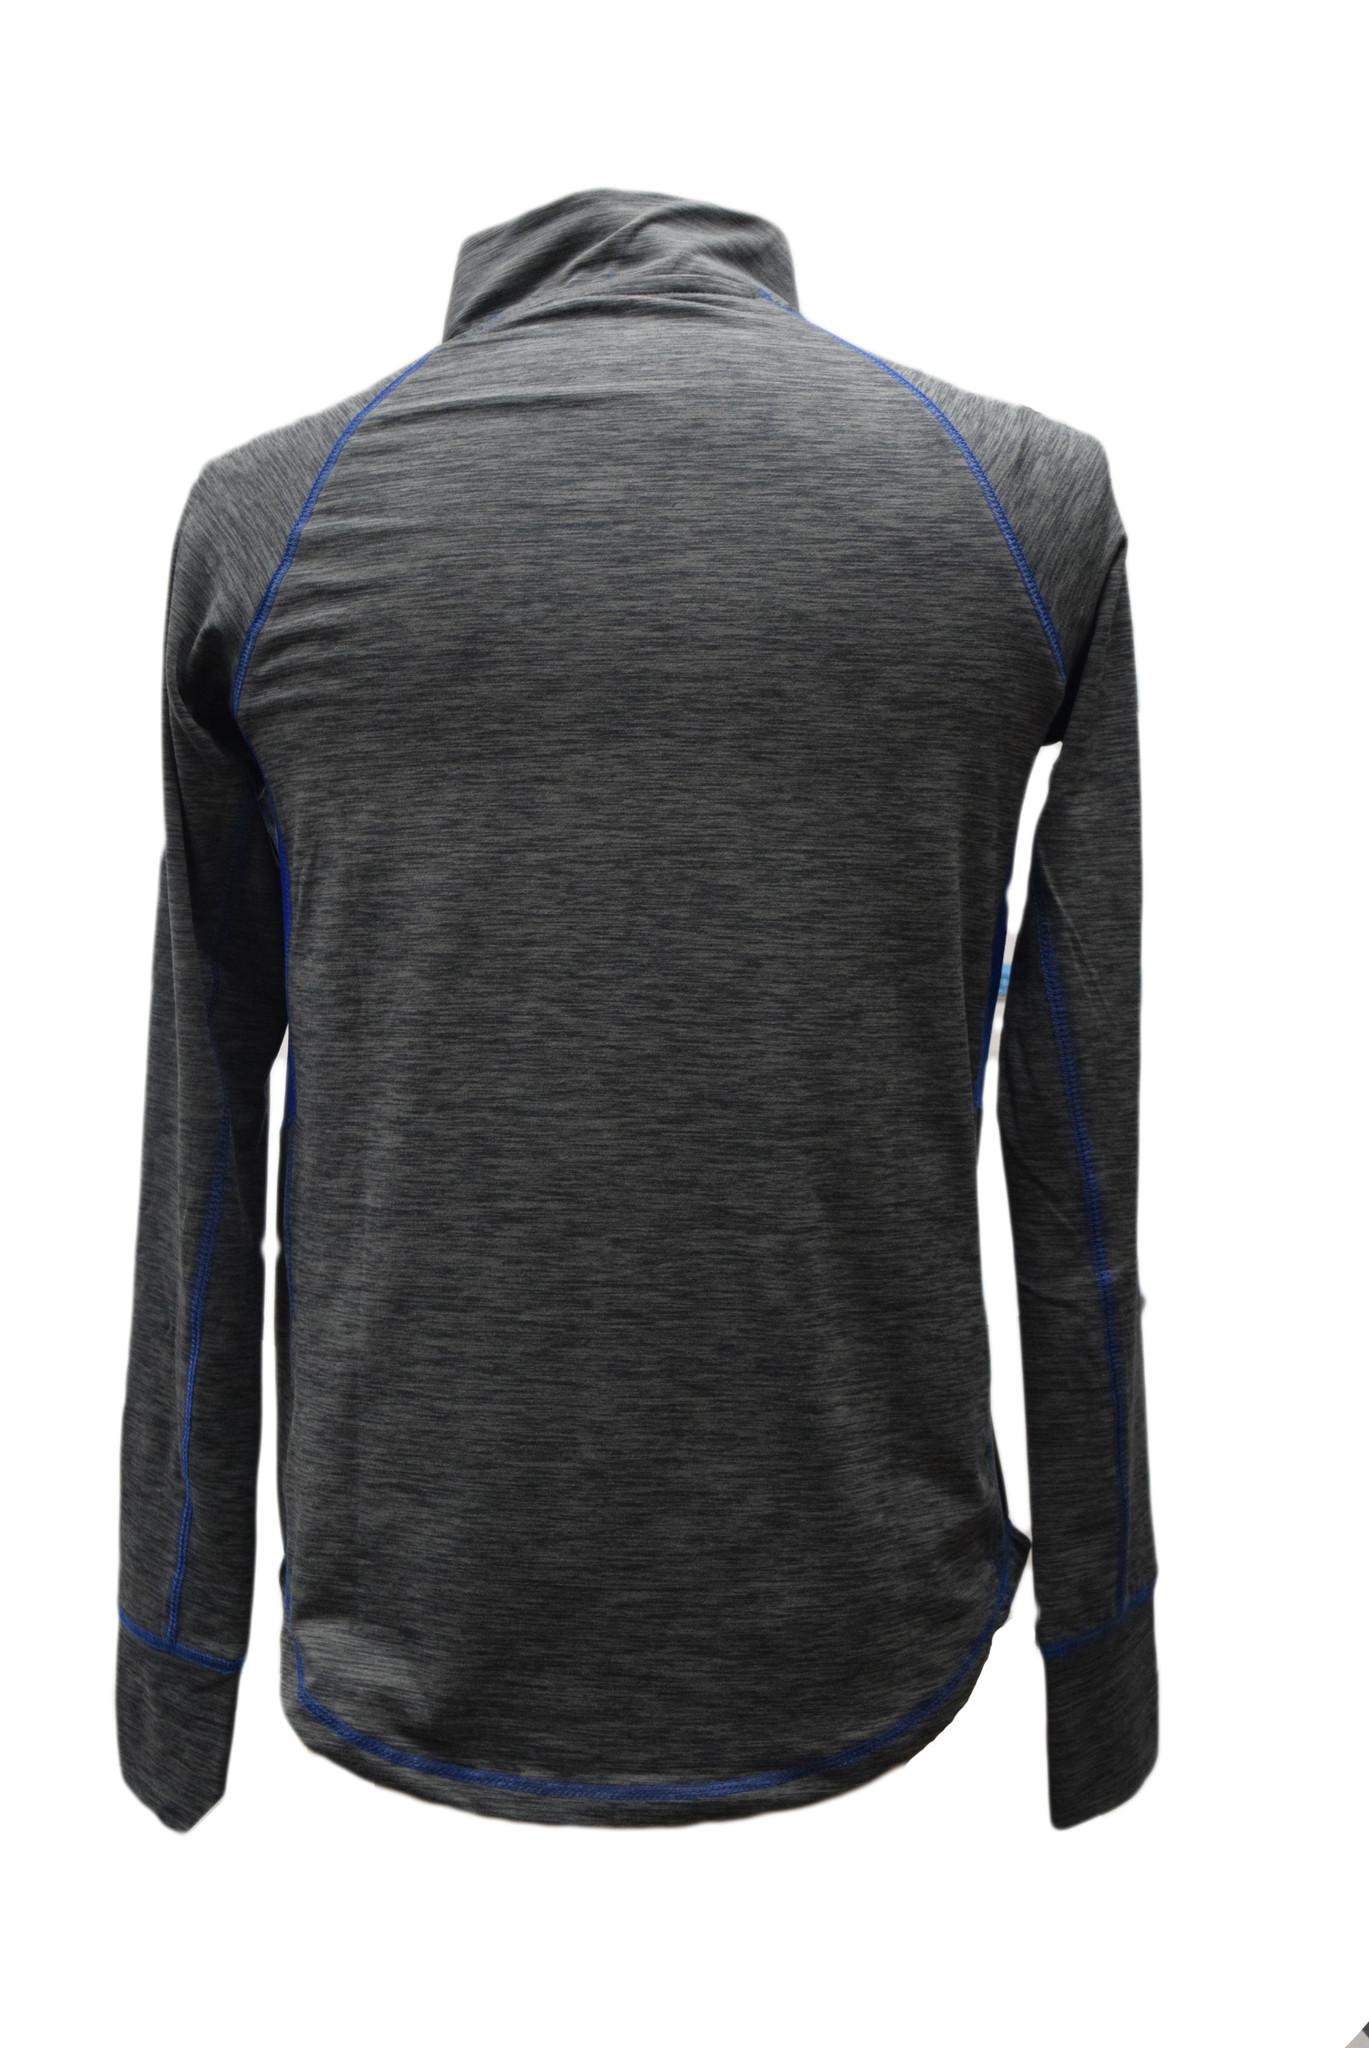 Women's Gray 1/4 Zip Pullover-2